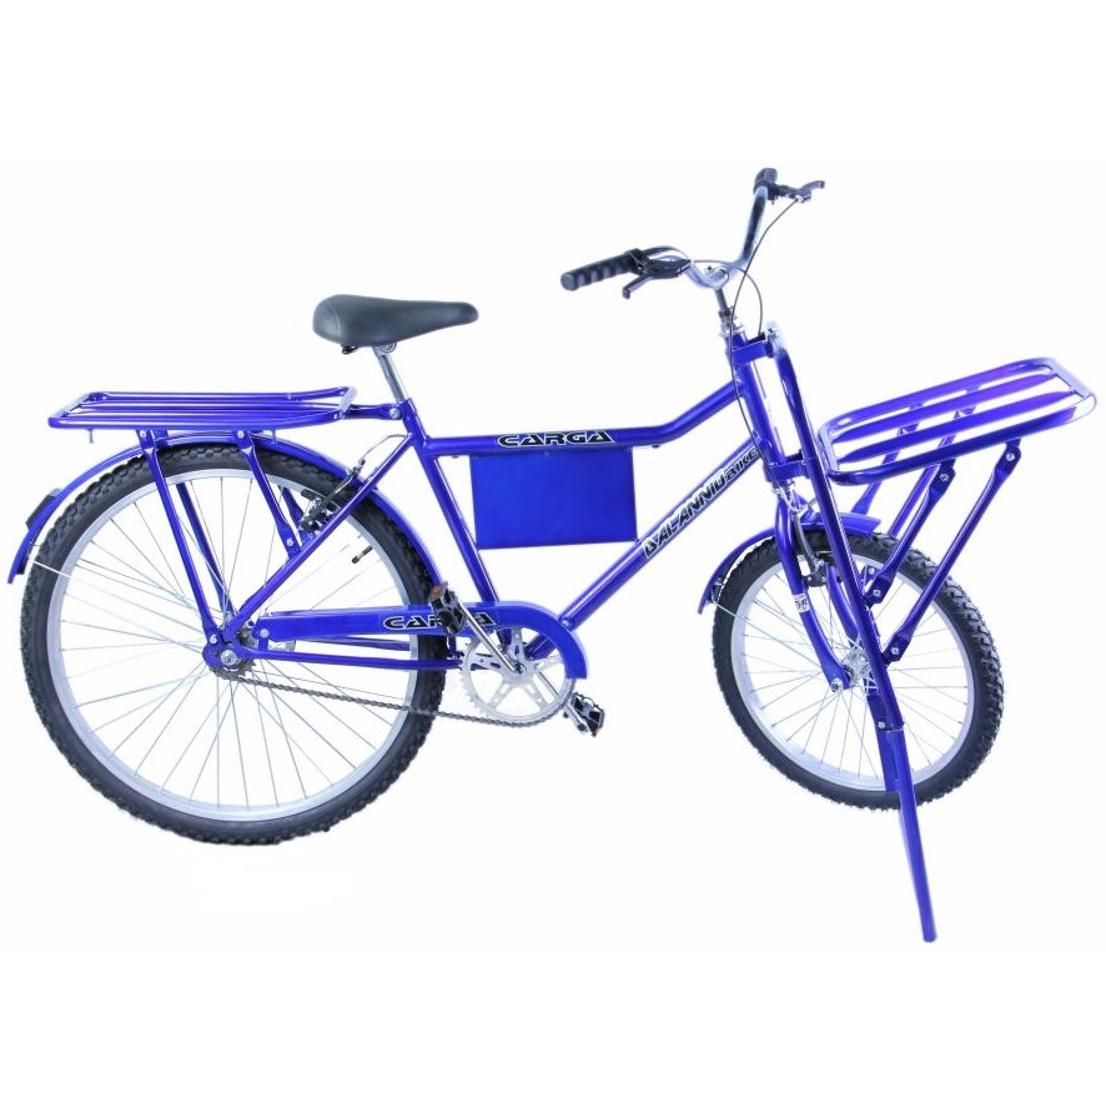 Bicicleta Carga Aro 26 cor Azul